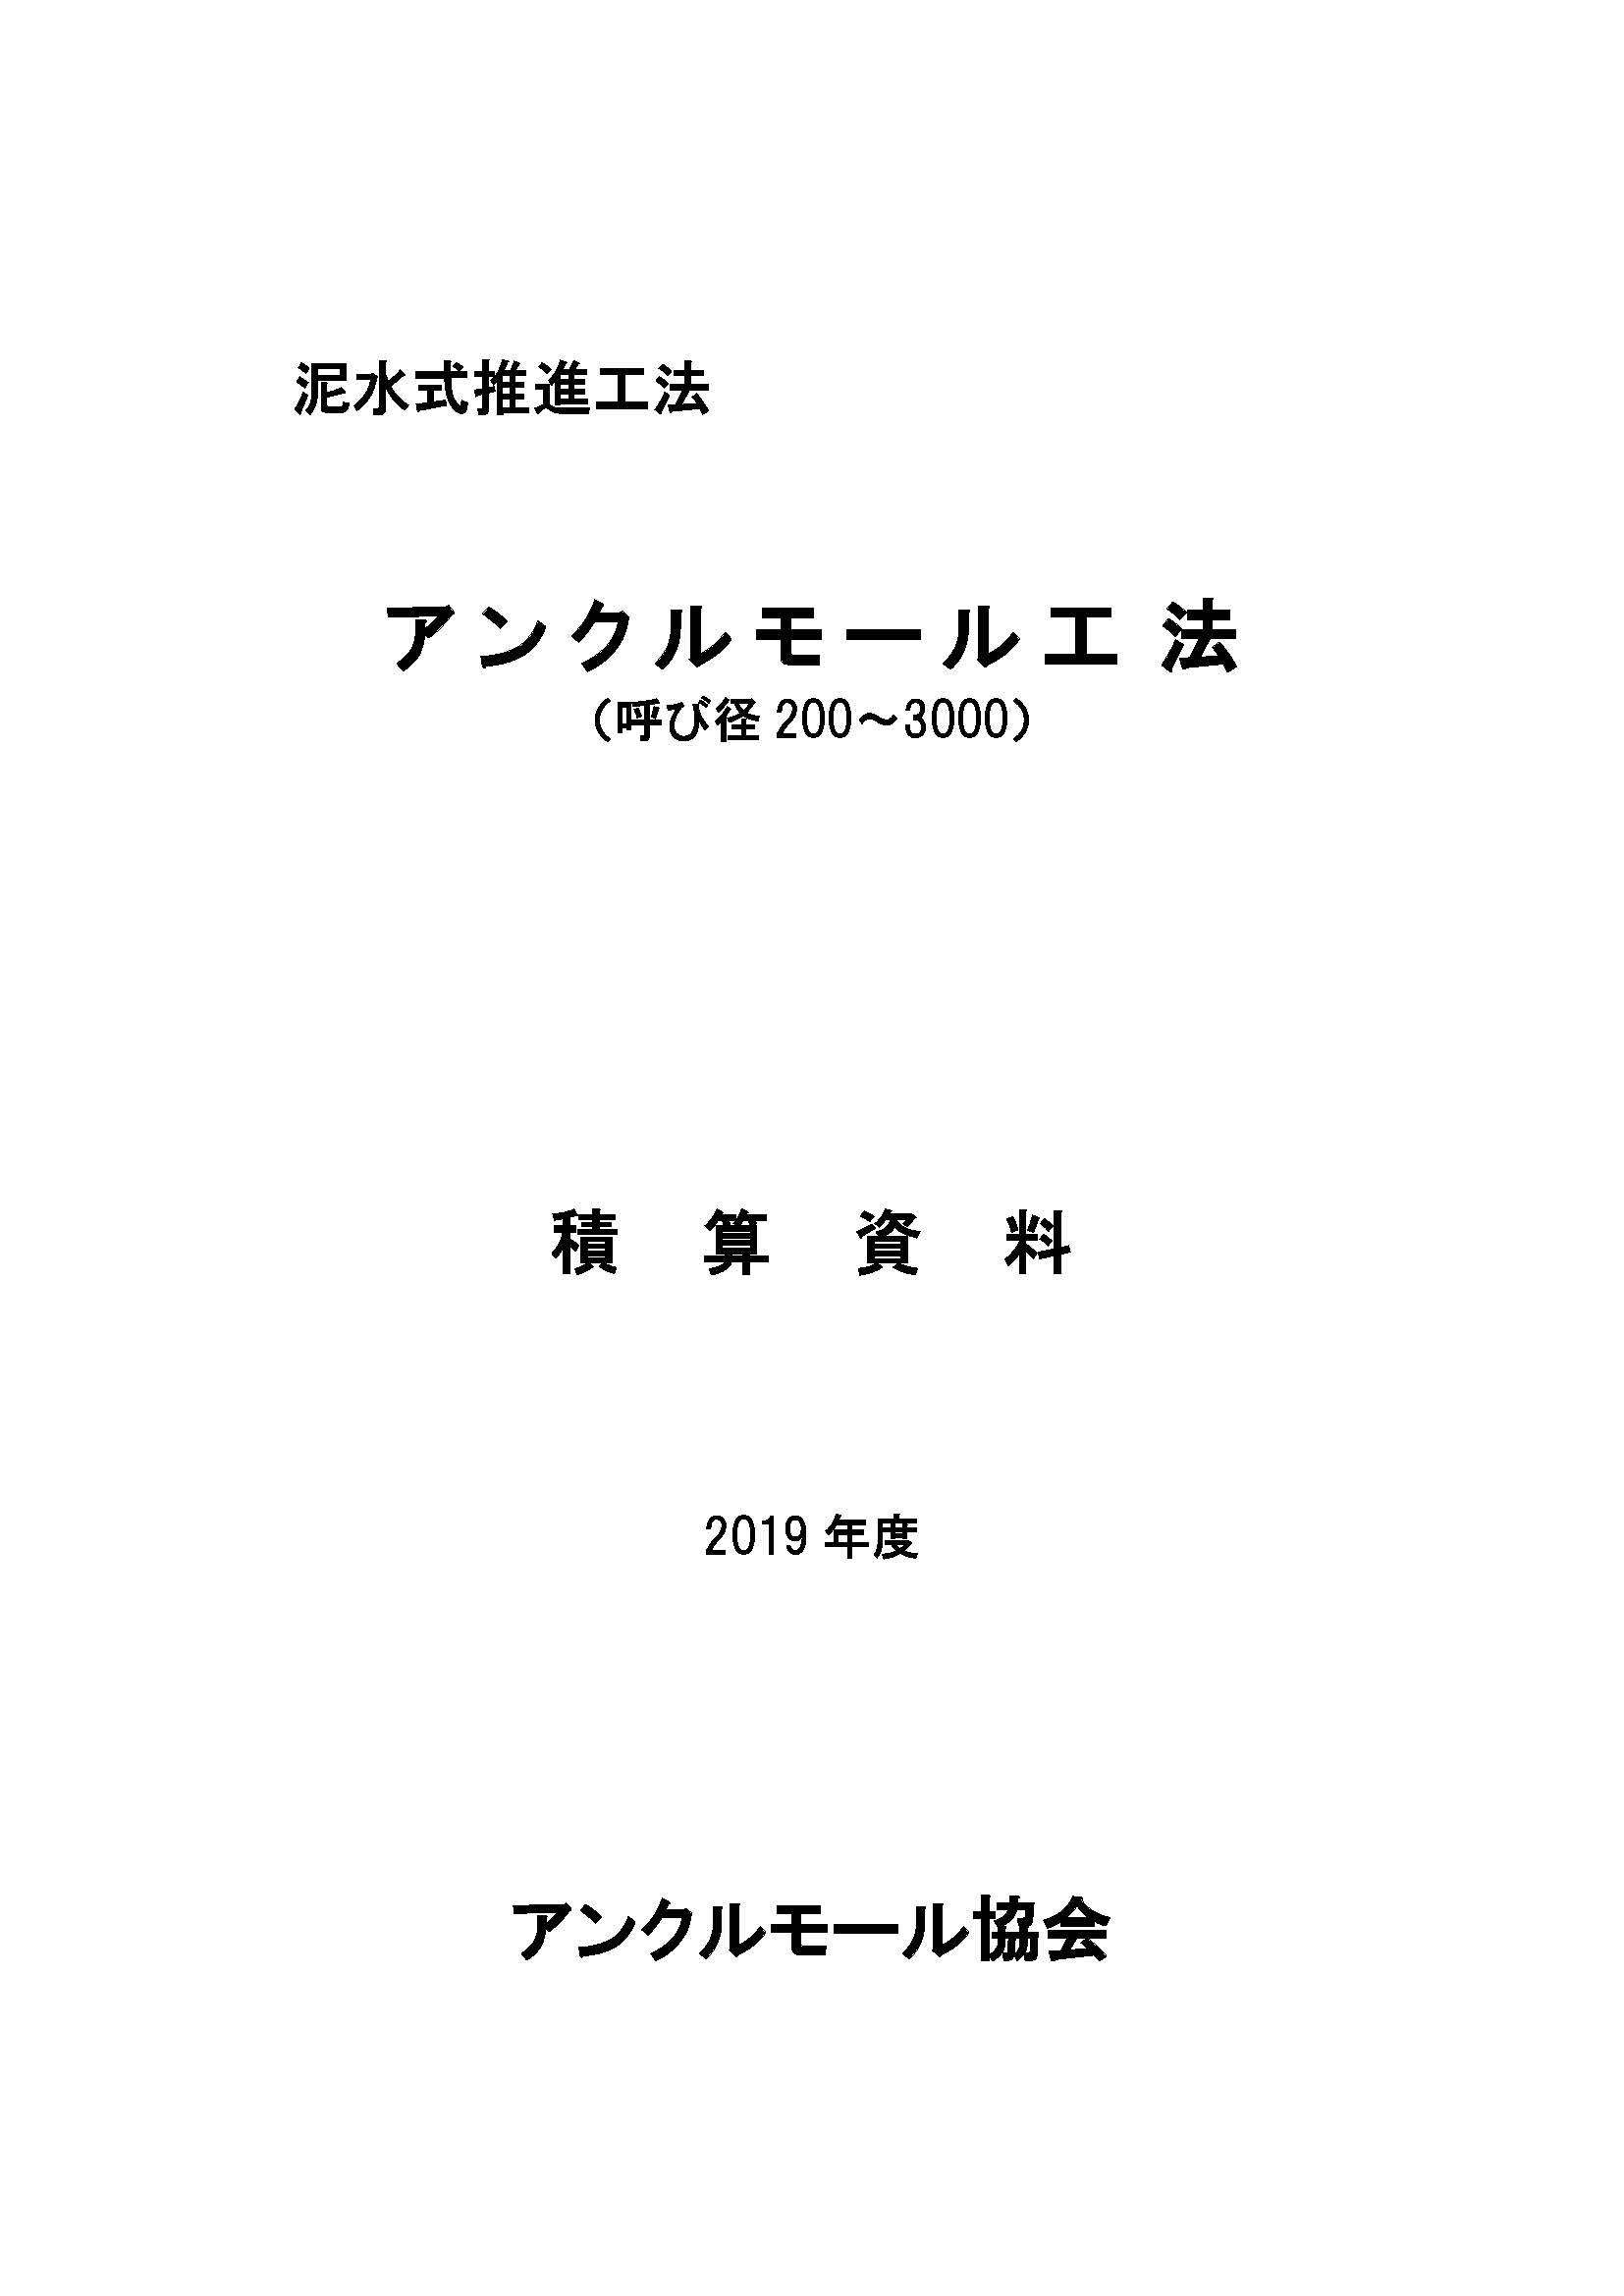 文書名 _2019sekisan_uncleall.pdf